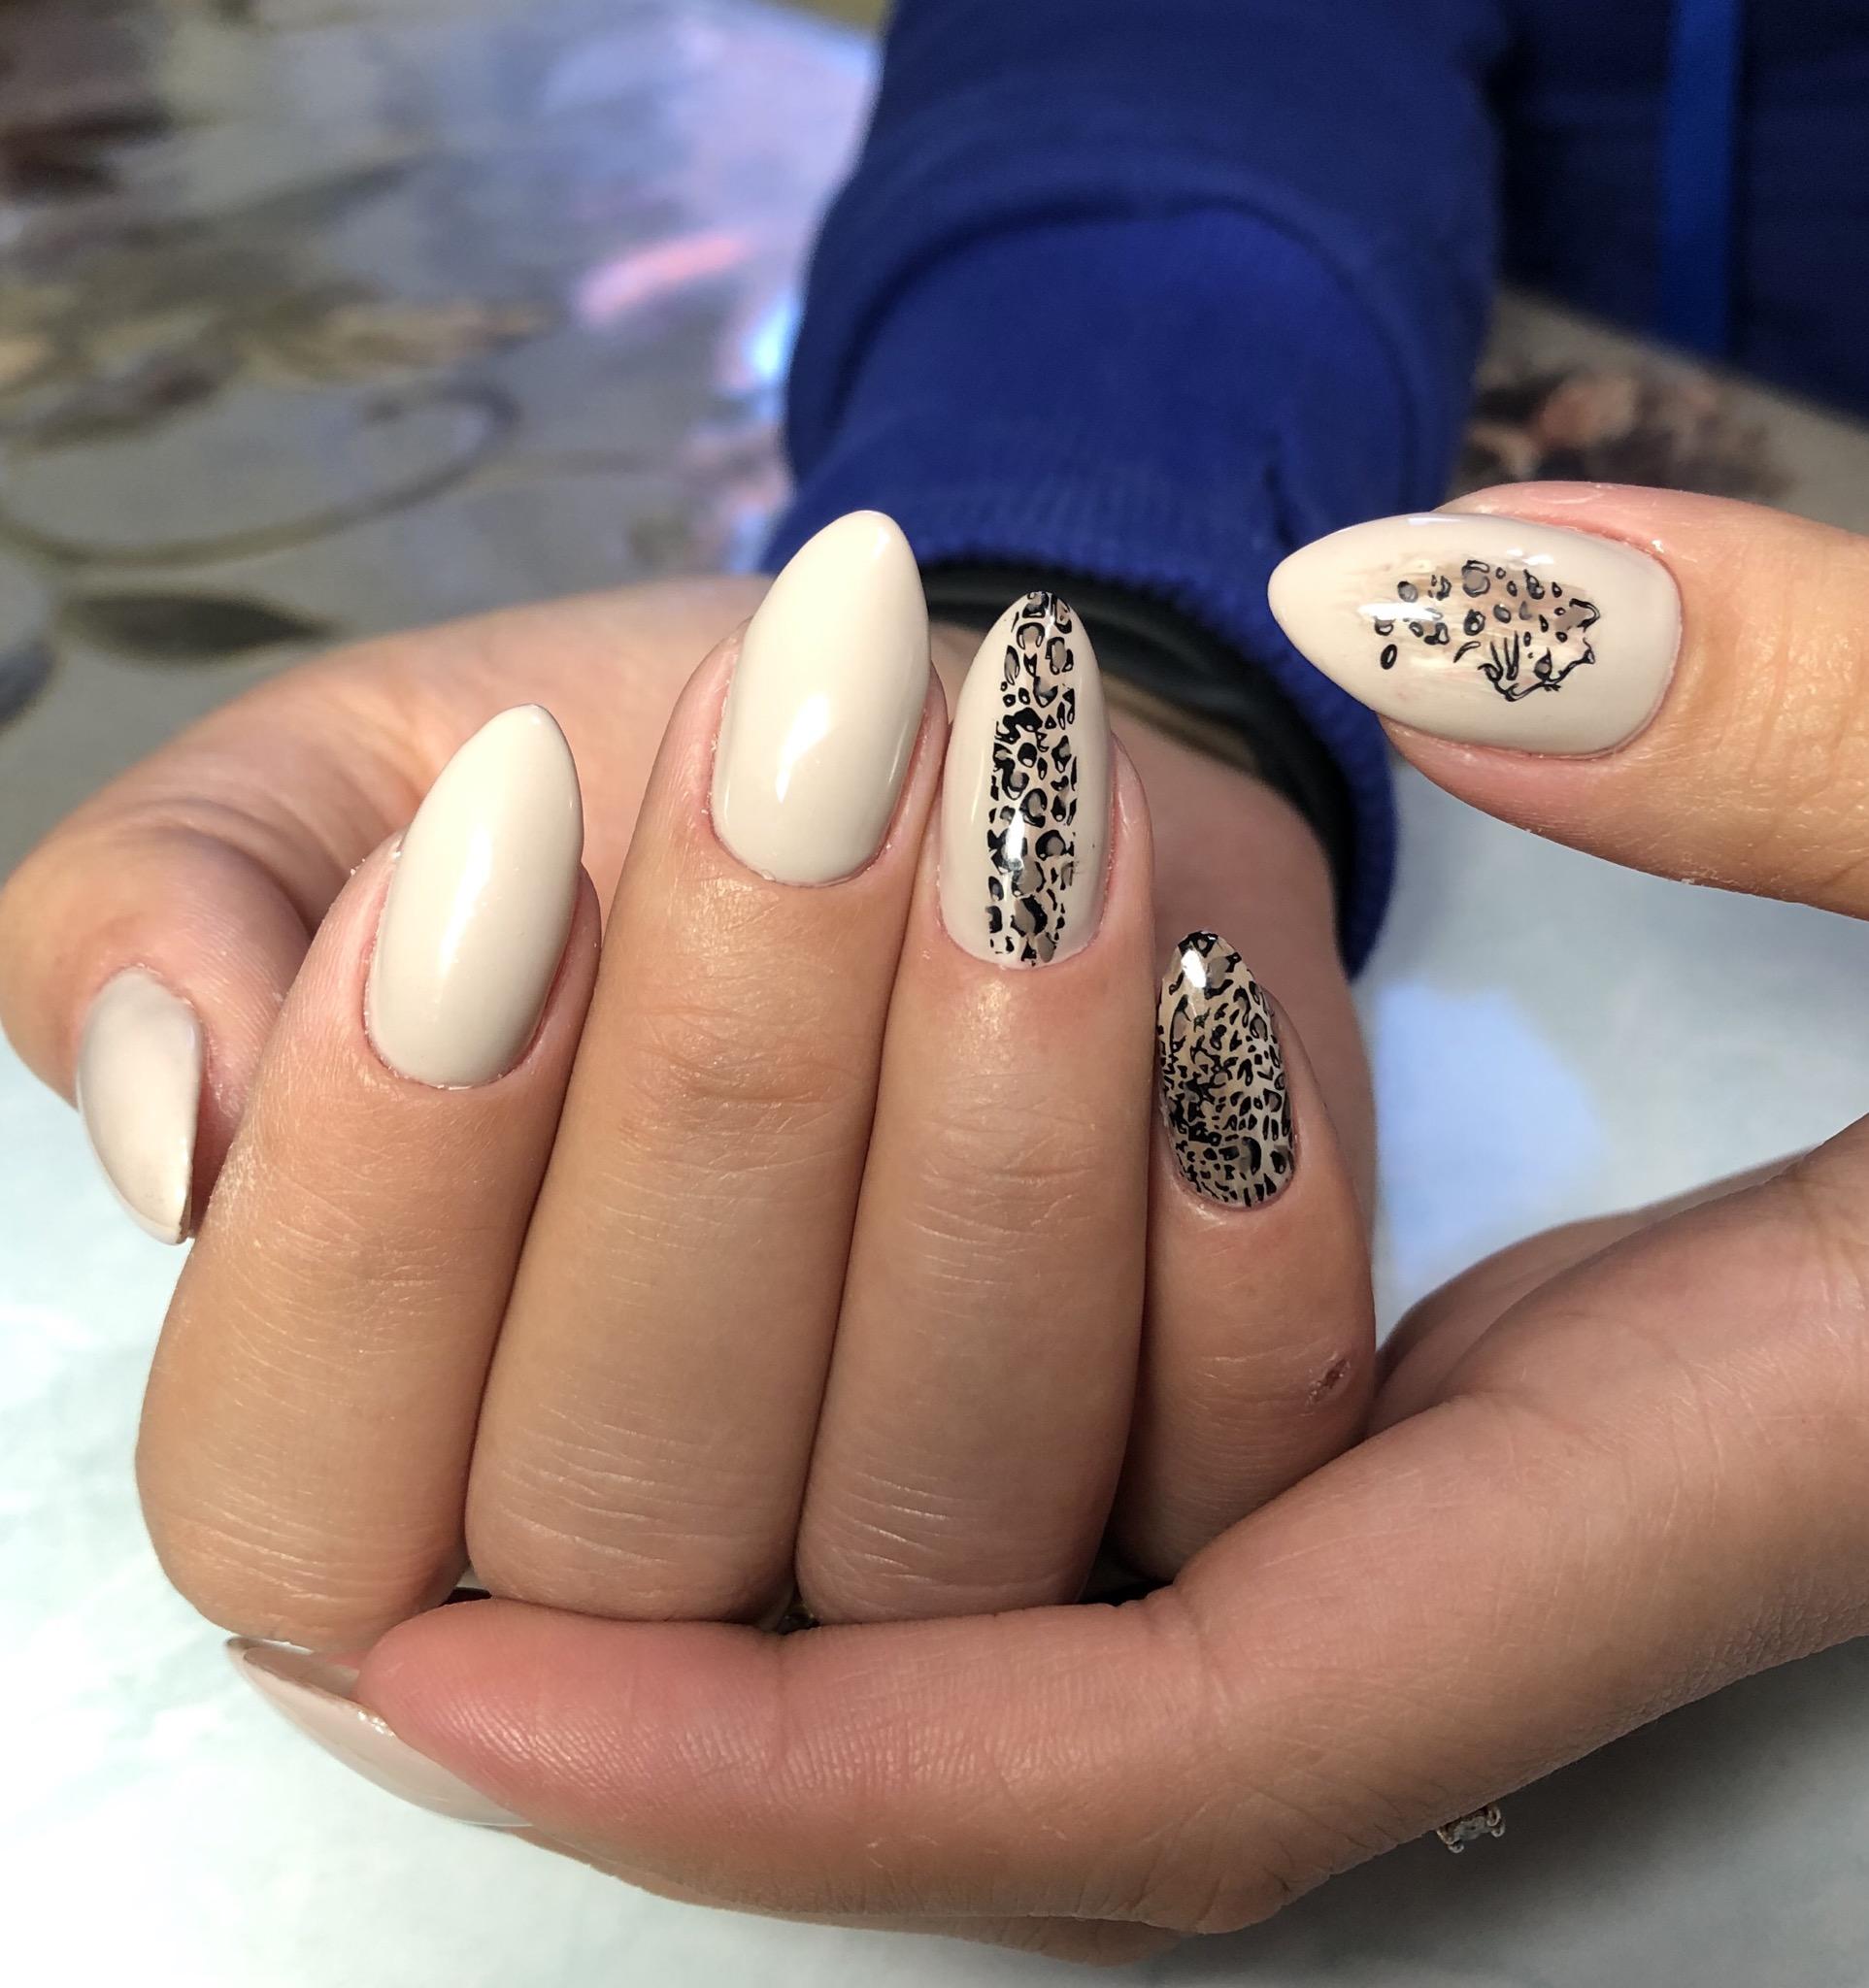 Маникюр с леопардовым принтом в молочном цвете на длинные ногти.